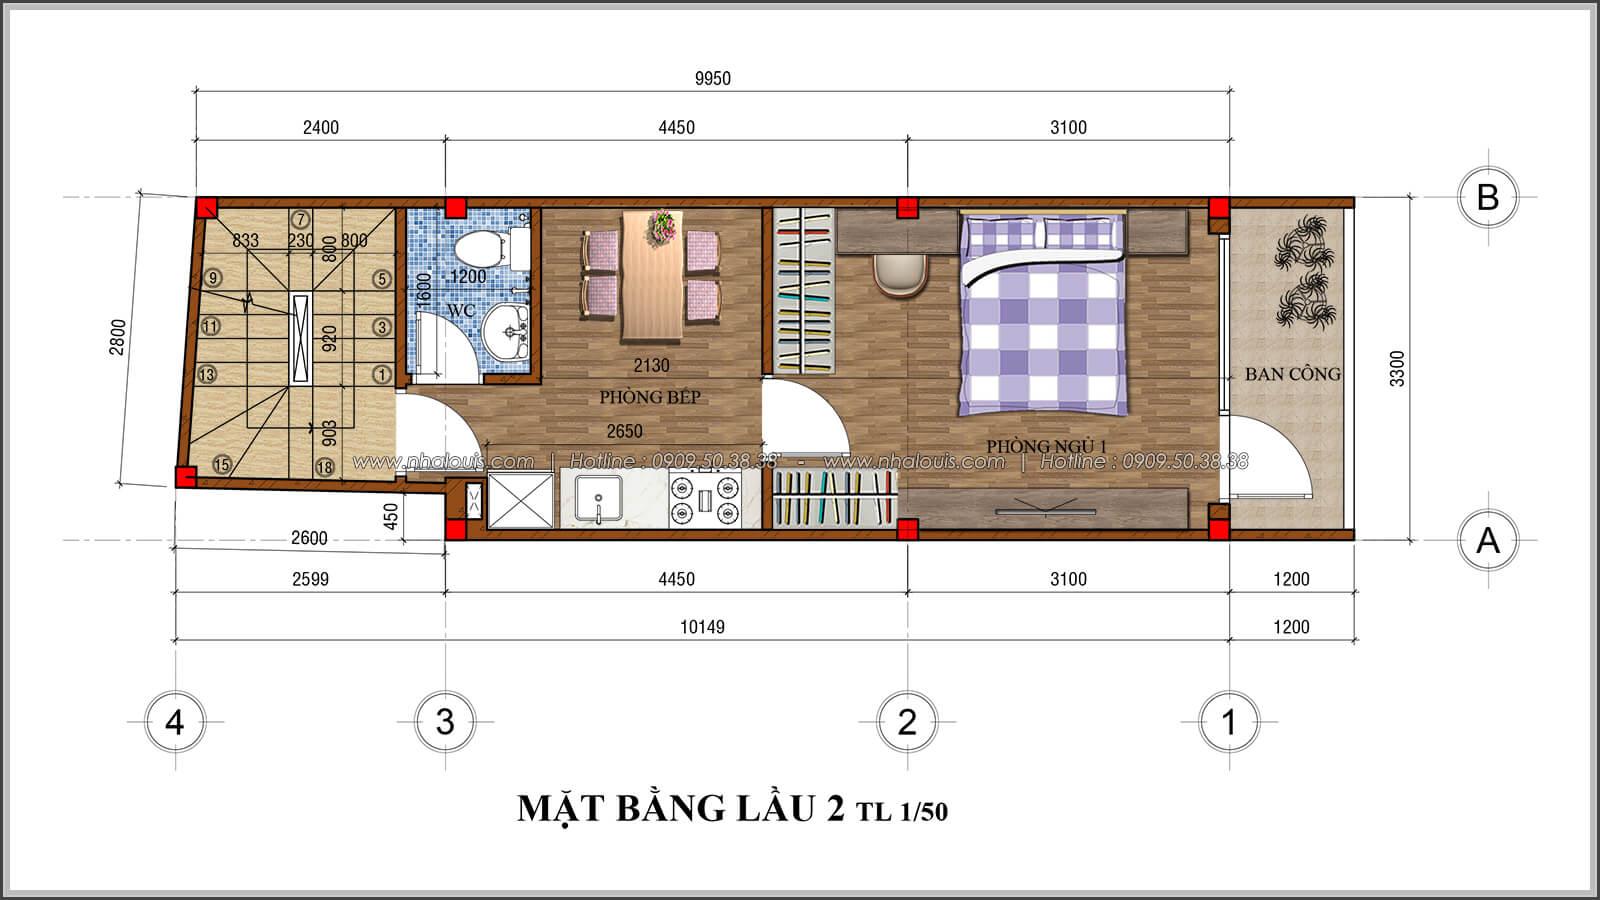 Mặt bằng lầu 2 thiết kế nhà 4x10 kết hợp kinh doanh tại chợ Tân Bình - 06